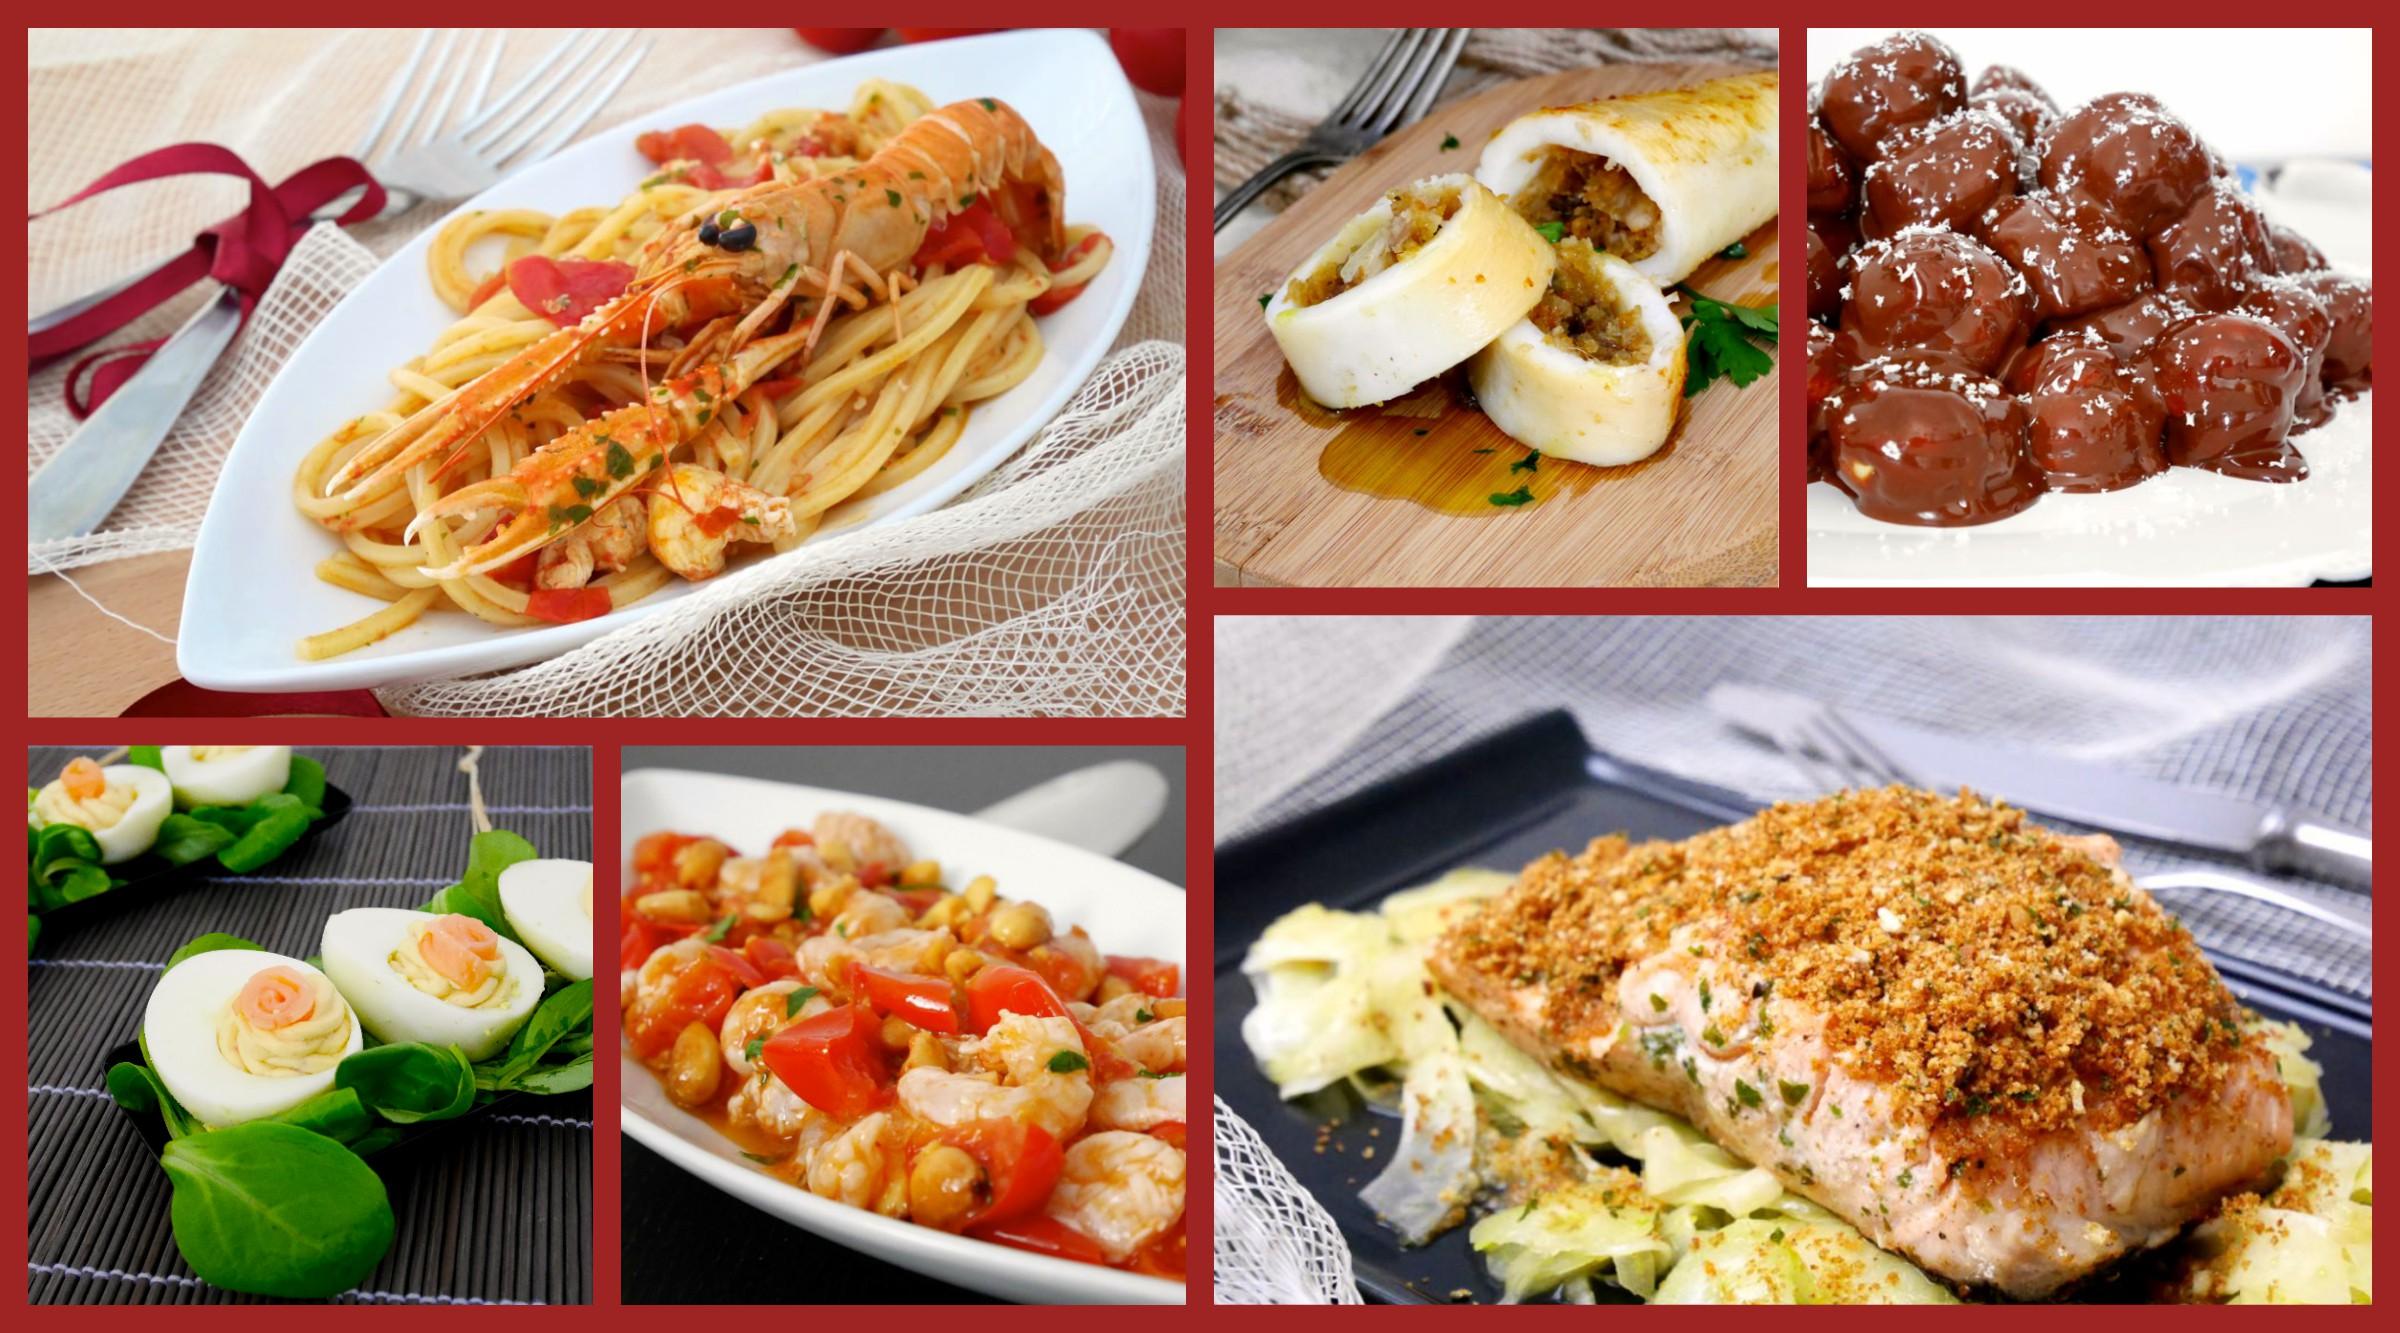 Dolci Per Il Menù Della Vigilia Di Natale Dedicata A Chi In Cucina  #306F04 2400 1333 Programma Per Creare Ricette Di Cucina